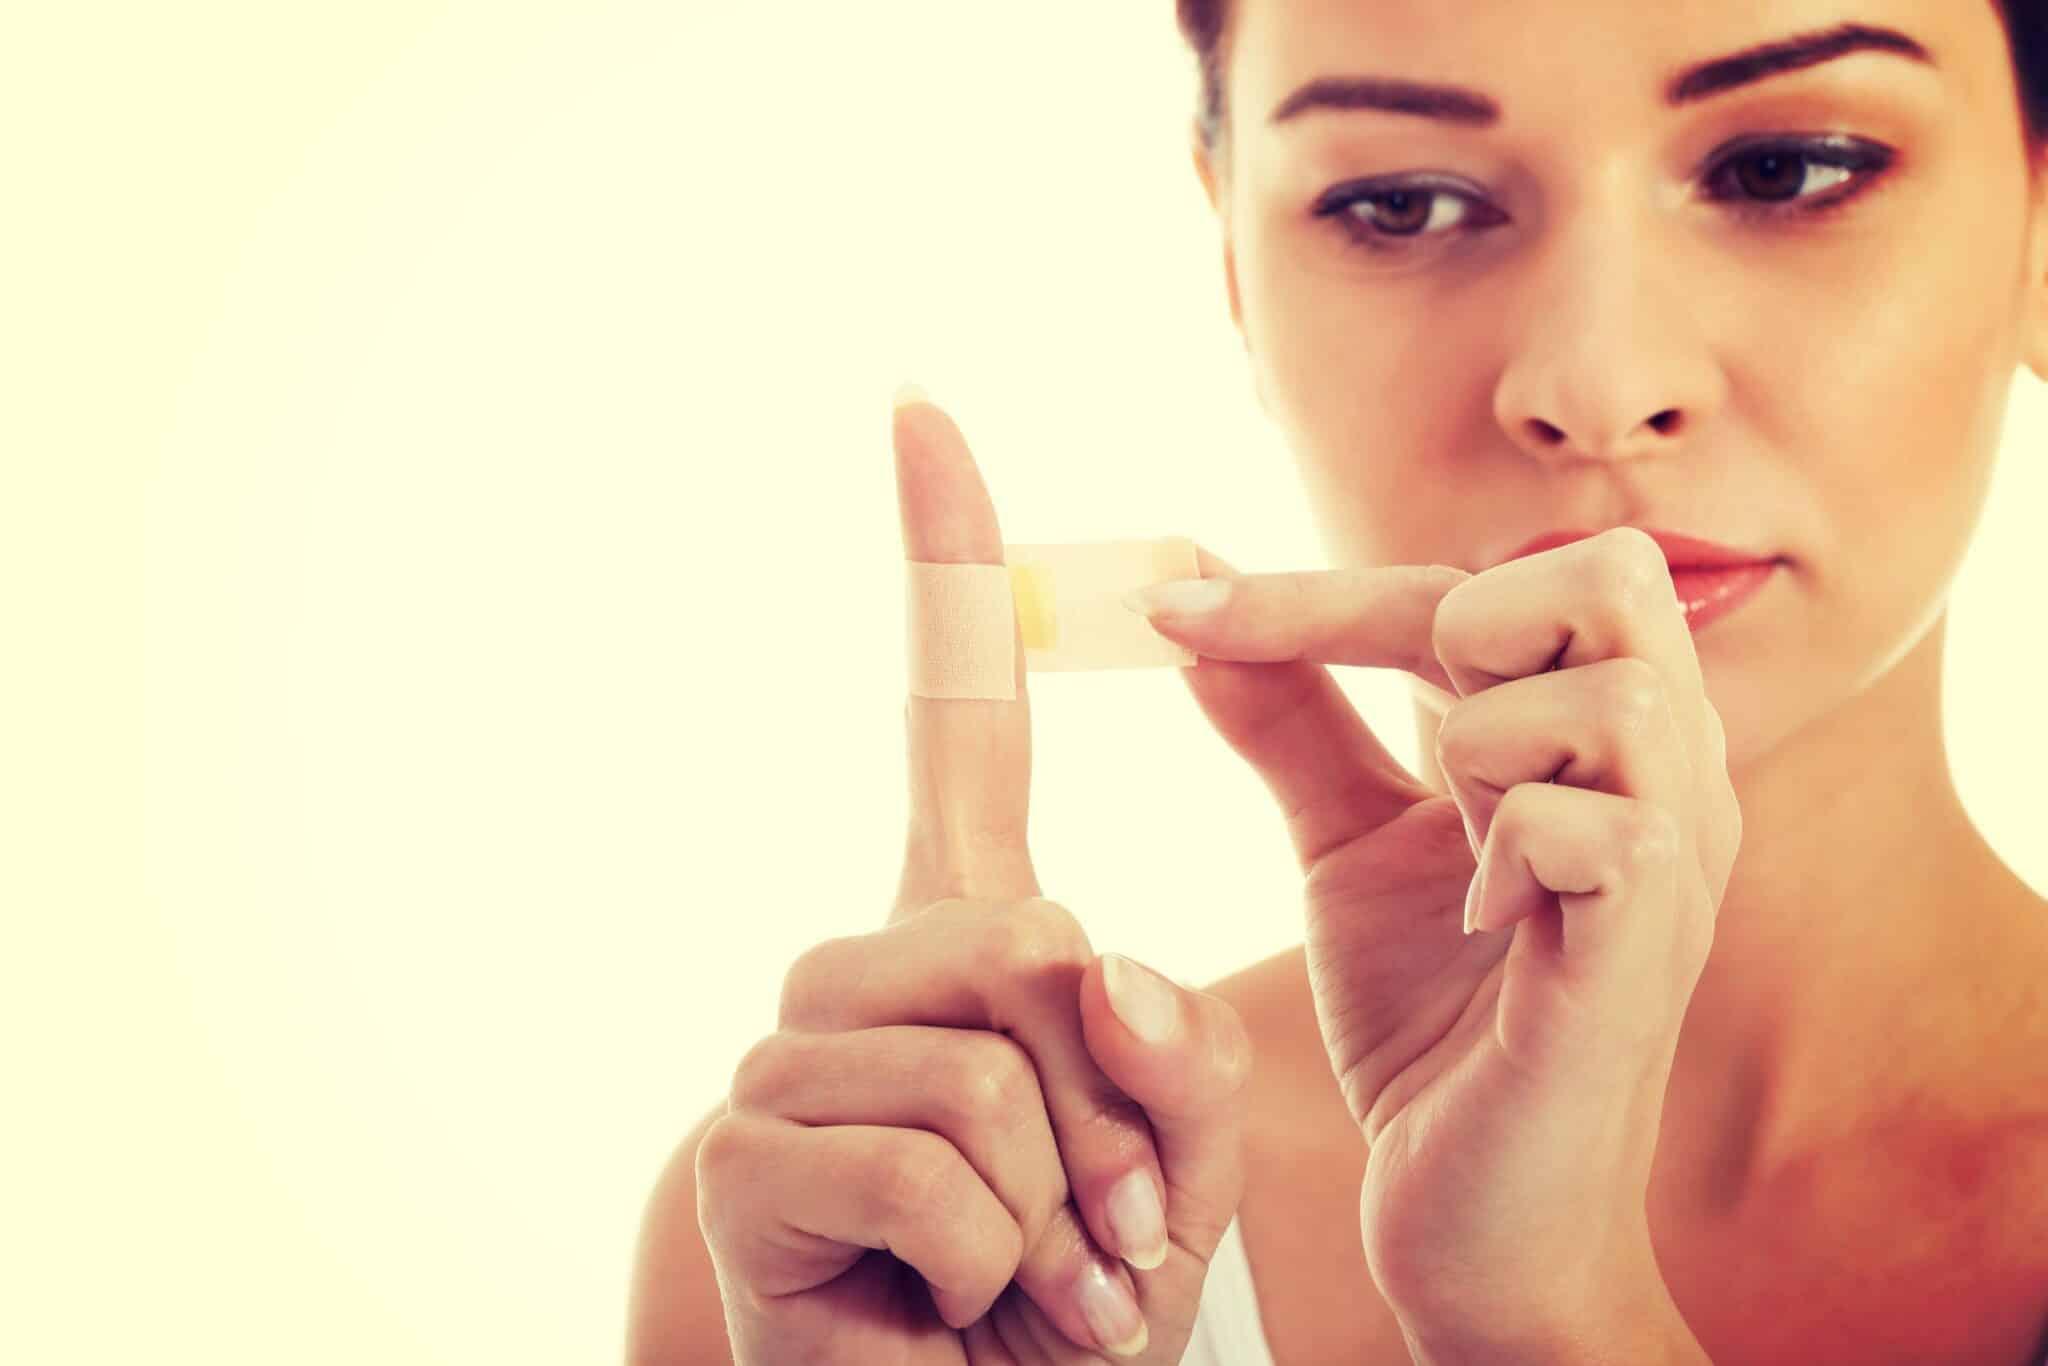 Huiles essentielles pour les plaies – Obtenez cette guérison accélérée du carcajou |